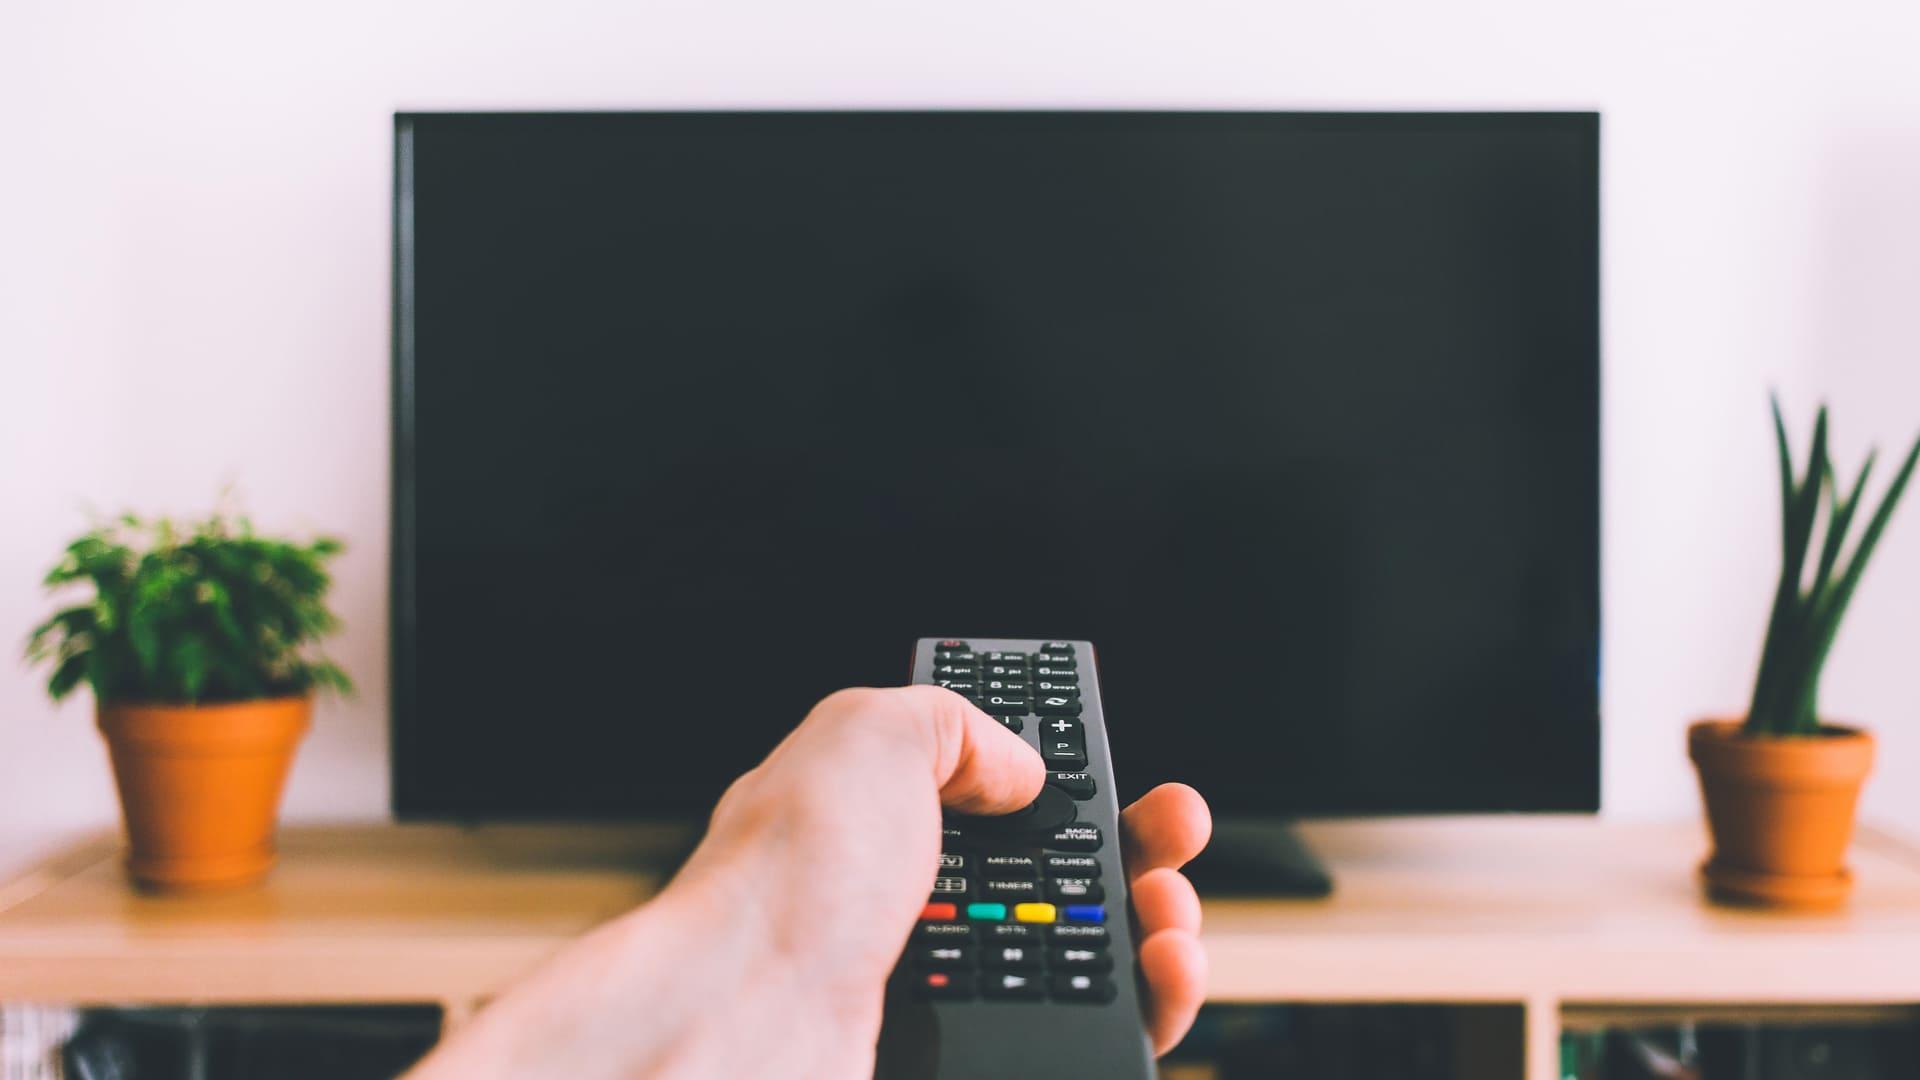 Conheça os tipos de TV e escolha aquela ideal para a sua casa! (Imagem: Reprodução/Shutterstock)